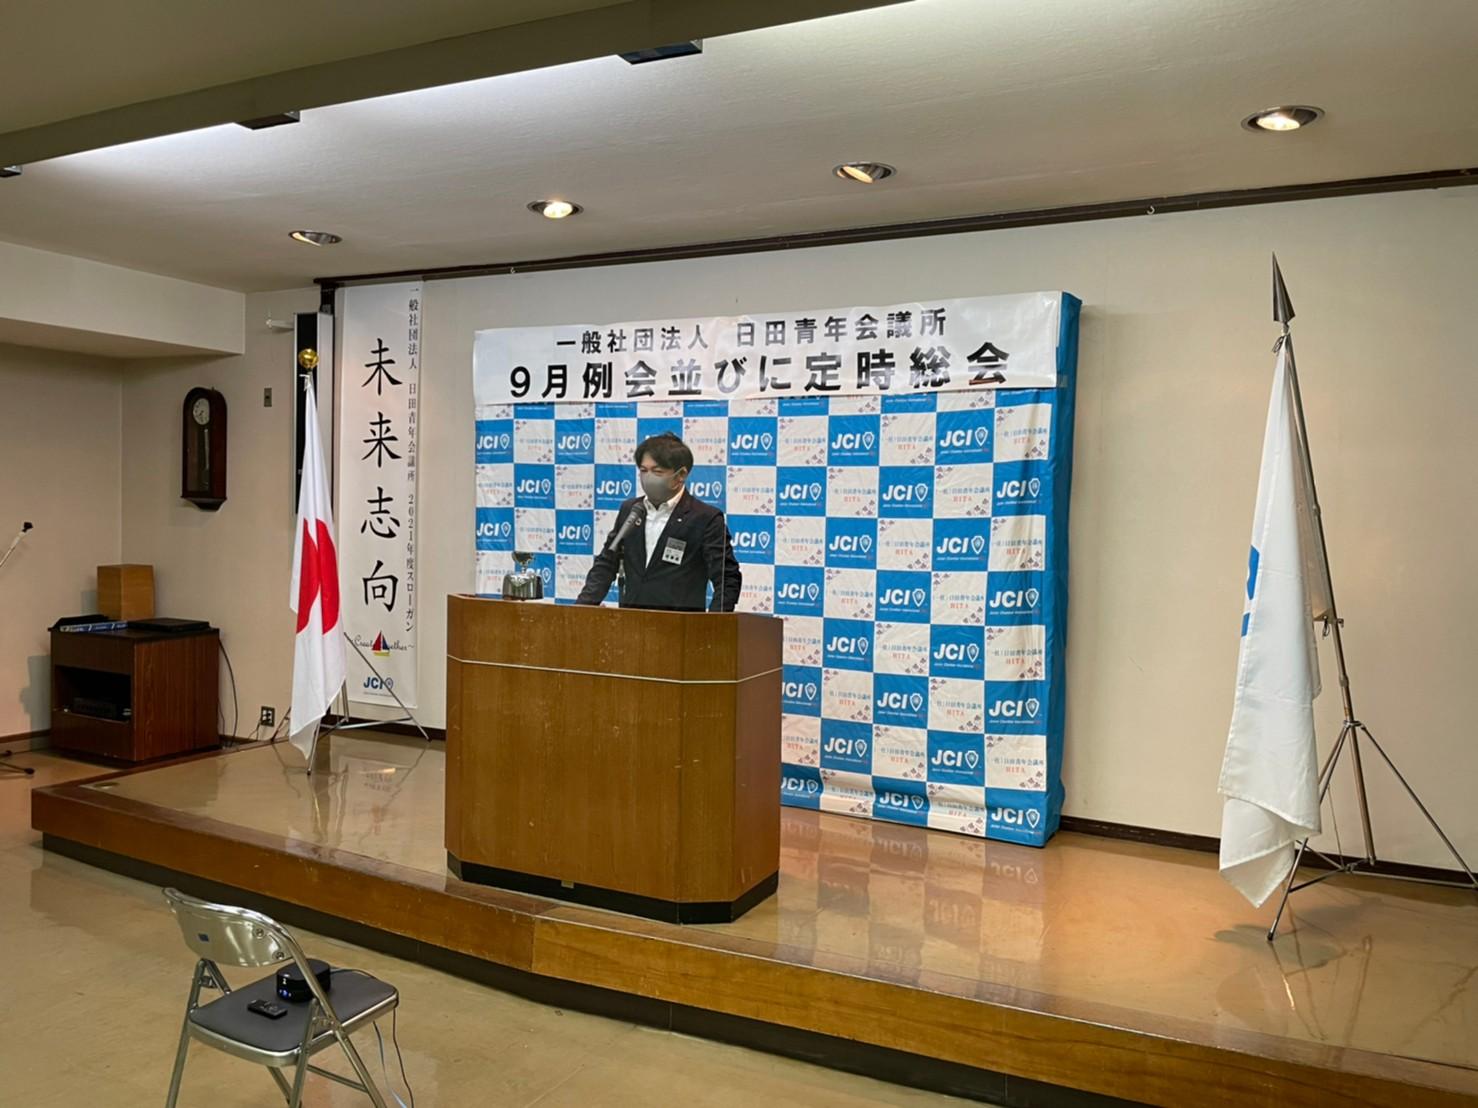 9月例会並びに定時総会 開催!